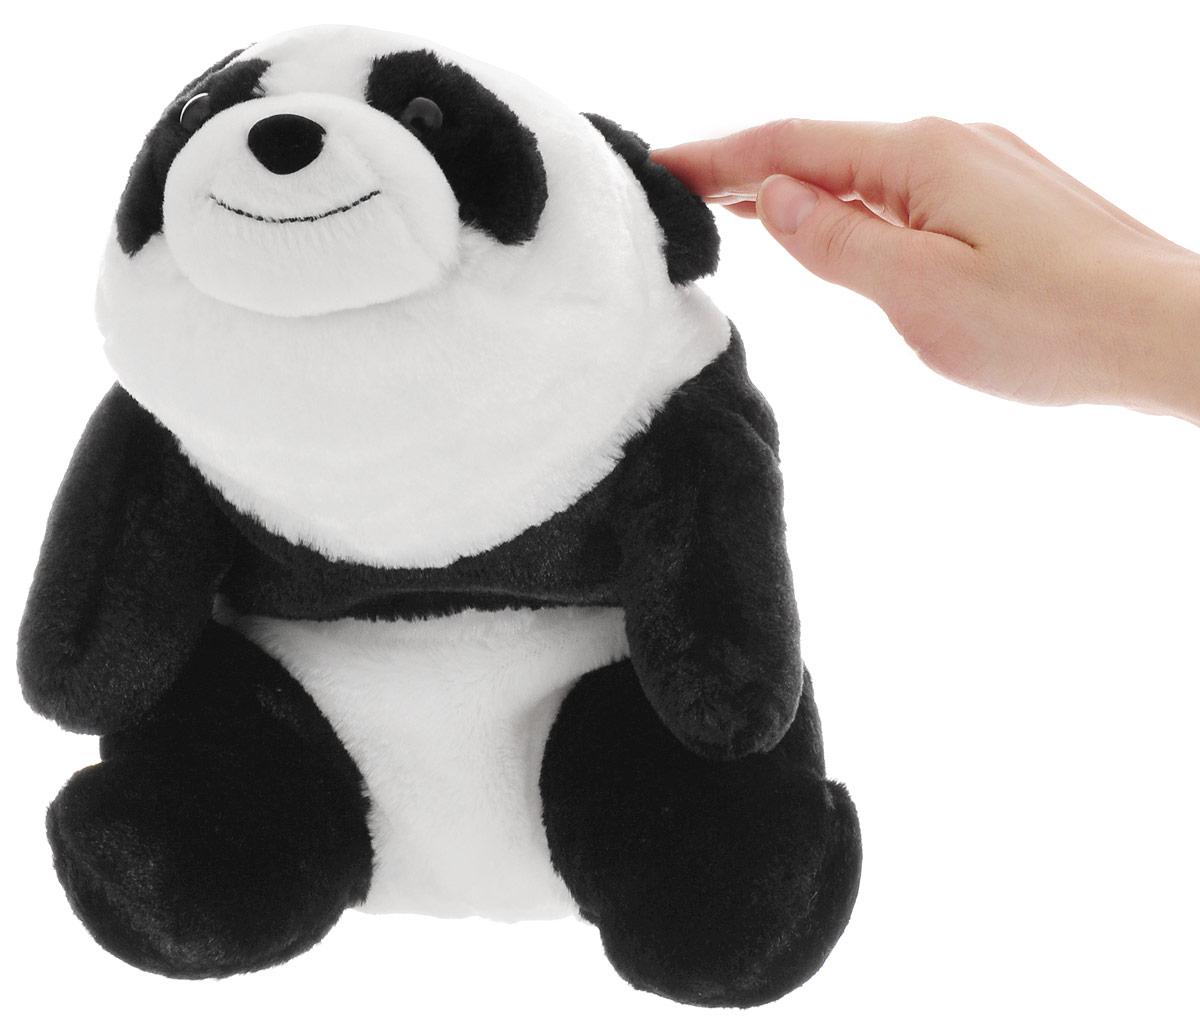 """Игрушка мягкая Gund """"Snuffles Panda"""", цвет: черный, белый, 26 см - 3"""